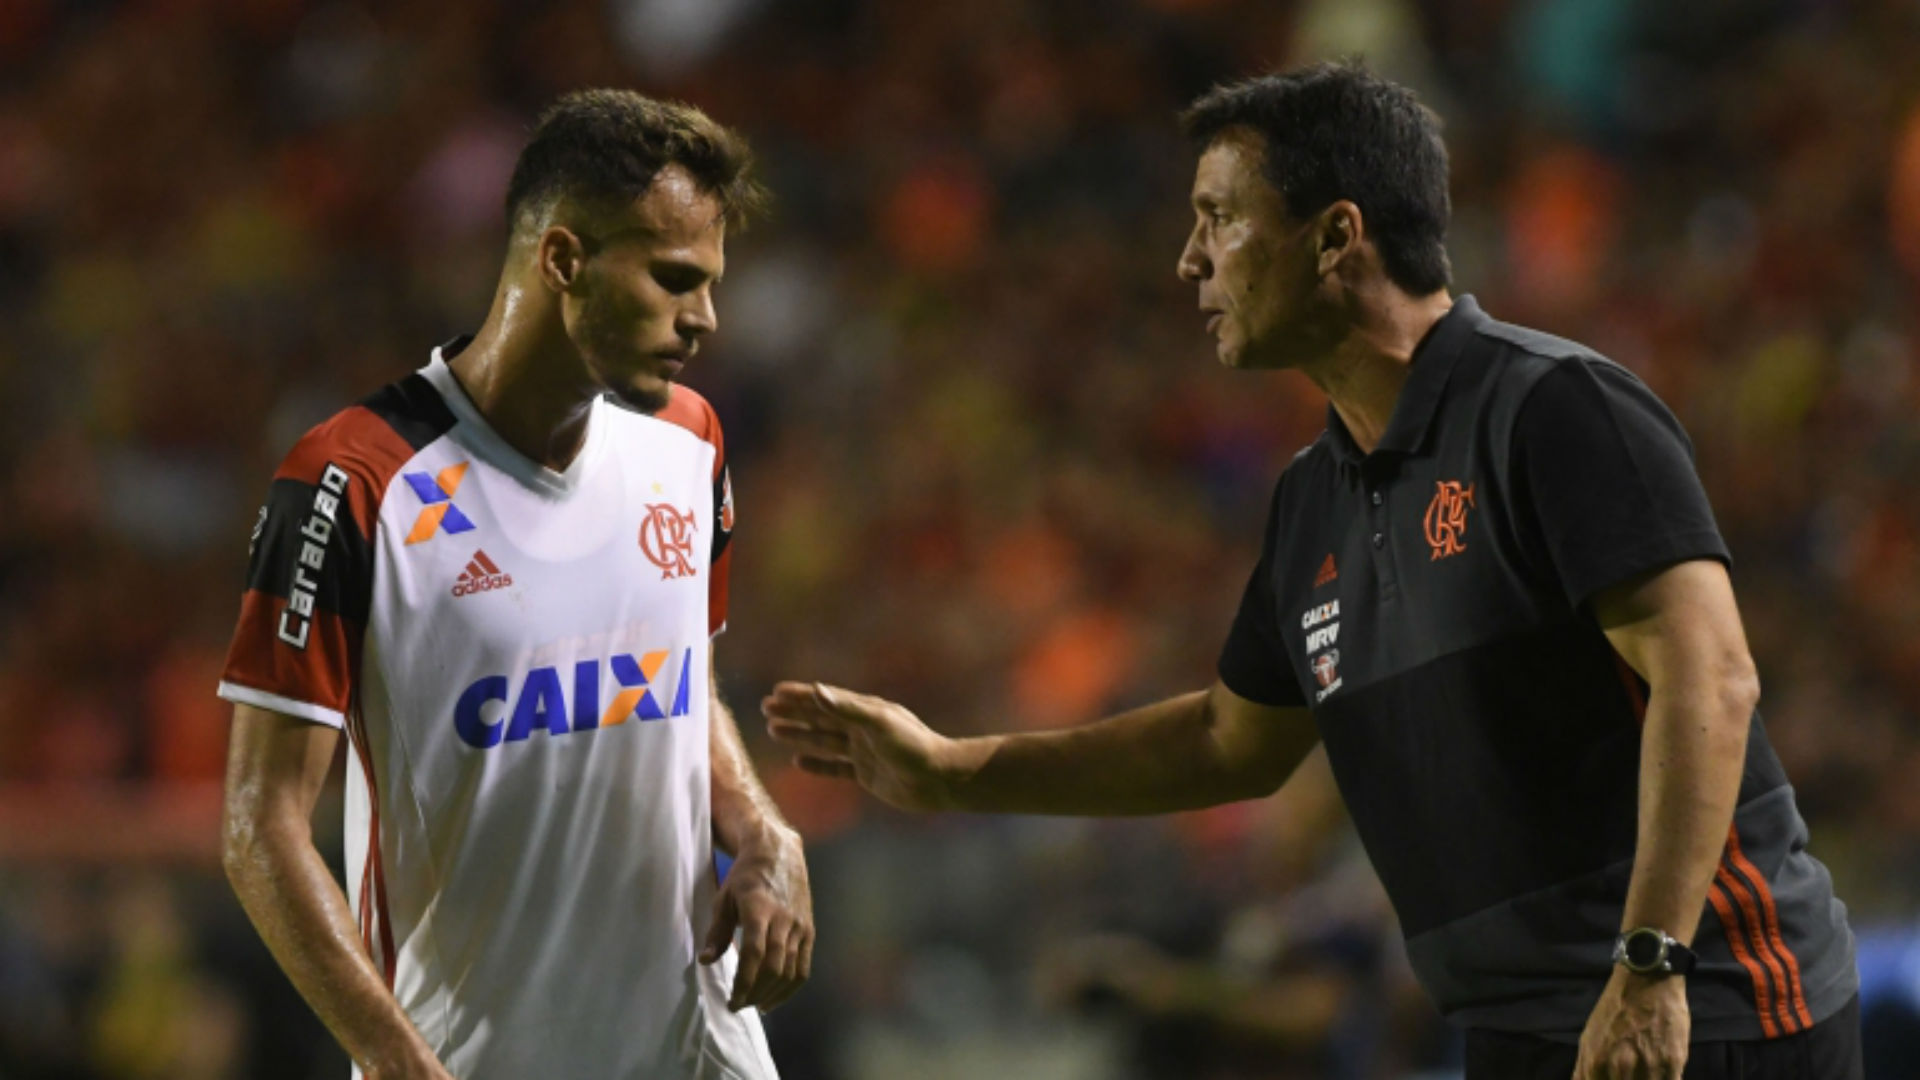 Zé Ricardo Flamengo 07 06 2017